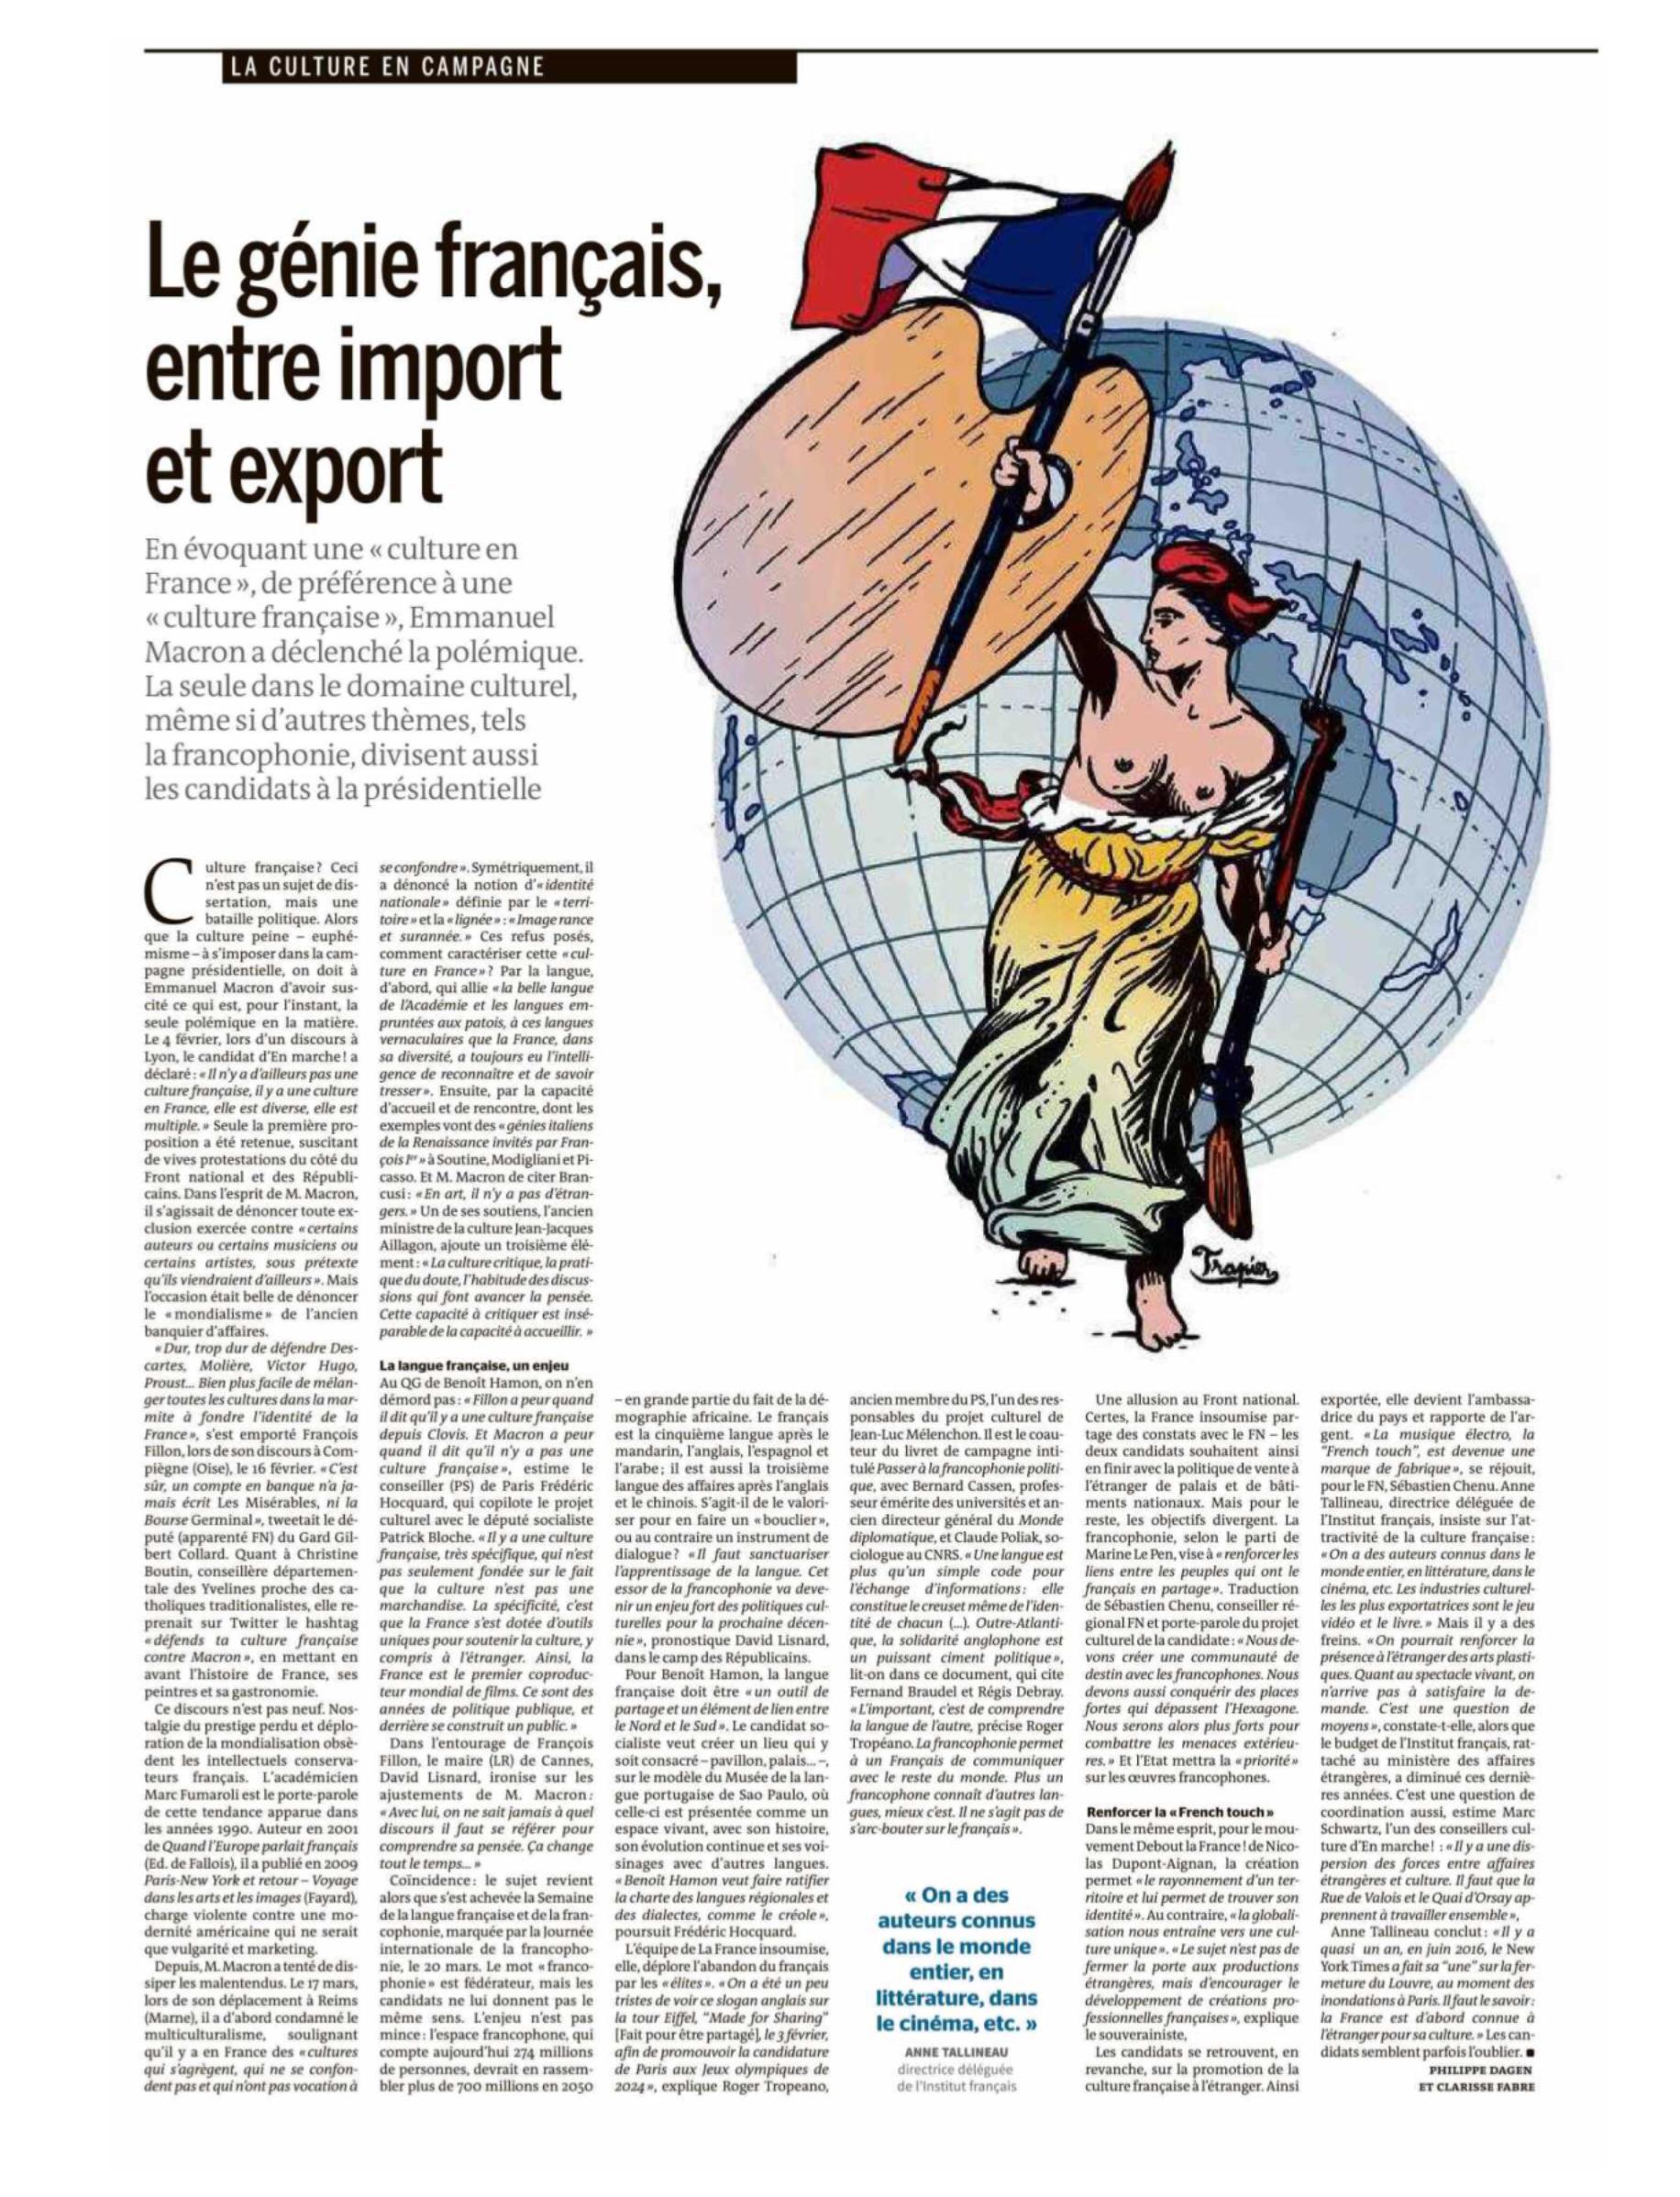 Original Le Monde